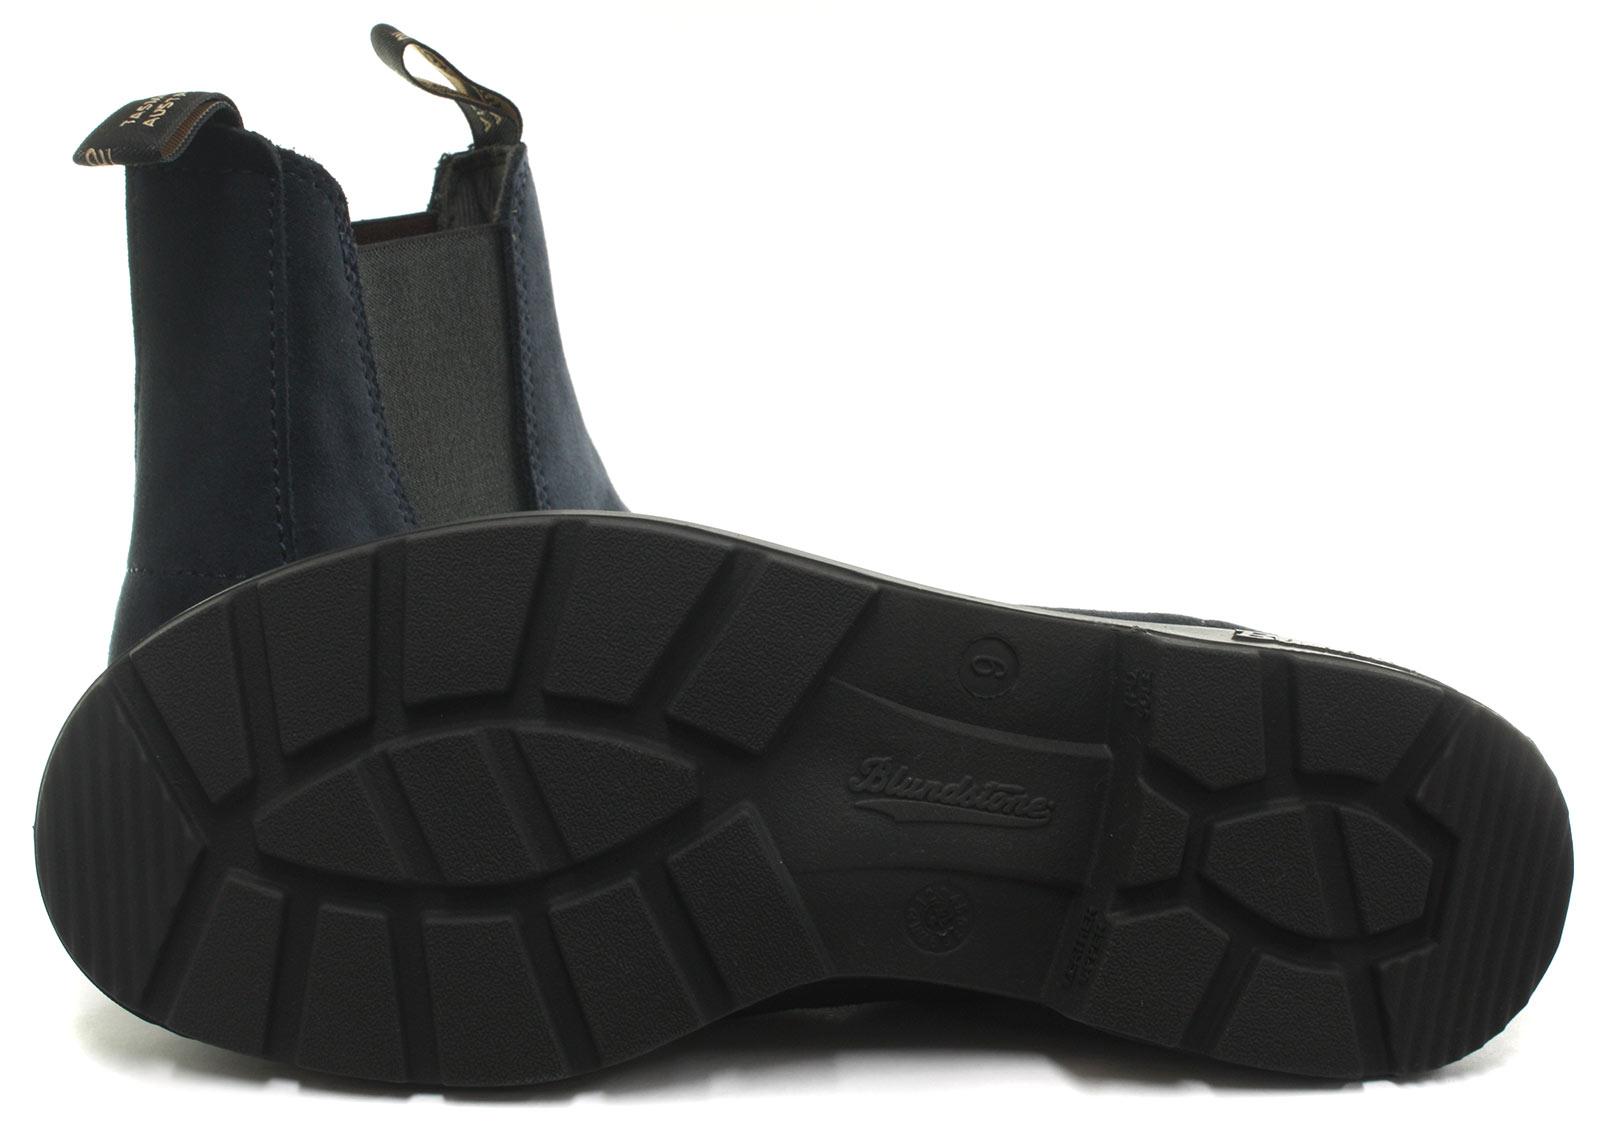 Blundstone 1462 marine Wildleder Unisex 9 Chelsea Stiefel Größe UK 9 Unisex (EU 43) 11f234